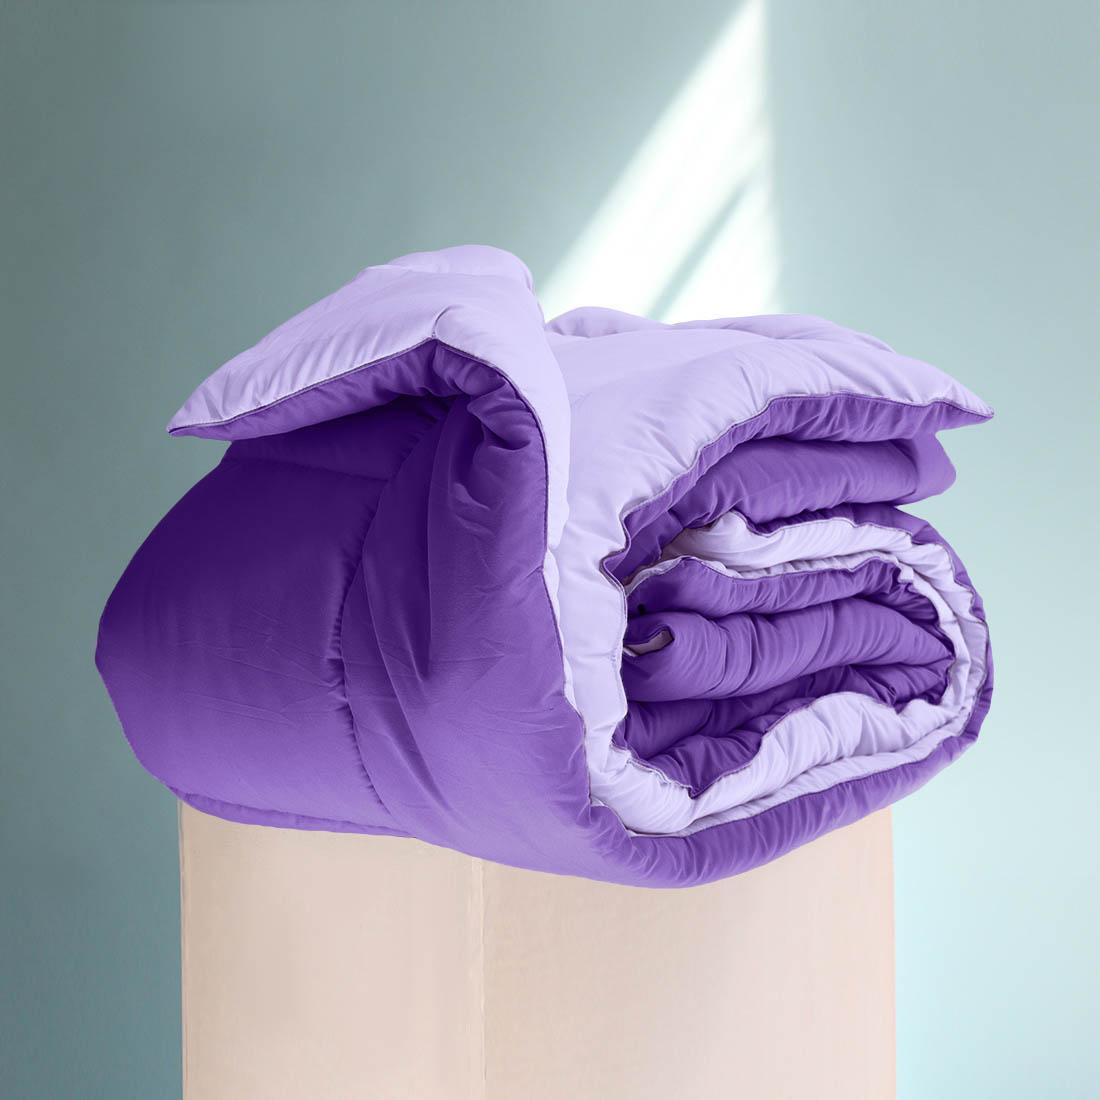 Одеяло Sleep iX, наполнитель: силиконизированное волокно, цвет: фиолетовый, 220 х 240 см. pva319989pva319989Особая технология позволяет использовать это одеяло без пододеяльника, не опасаясь износа.Материал чехла MicroSkin - это гладкая и шелковистая ткань с легким блеском, по своему виду не уступает натуральному хлопку. Хорошо сохраняет тепло, очень приятна на ощупь, прочна и устойчива к стирке.Силиконизированное волокно делают из тонких волокон полиэфира, обработанных силиконом. Одеяло с таким наполнителем отлично сохраняет тепло, создавая максимальный комфорт и уют. Силиконизированное волокно отлично держит форму, не сбиваясь в комки. На ощупь наполнитель похож на пух, поэтому производители часто называют его искусственным пухом. Одеяло с полиэфирным наполнителем отлично подойдёт людям, страдающим аллергией, так как не впитывает запахи и отталкивает пыль. Кант делают из атласа или вискозы, он помогает изделию держать форму в течение многих лет. Кантик есть на многих объемных изделиях из текстиля, иногда его могут дополнительно прострочить по периметру или сделать широким.